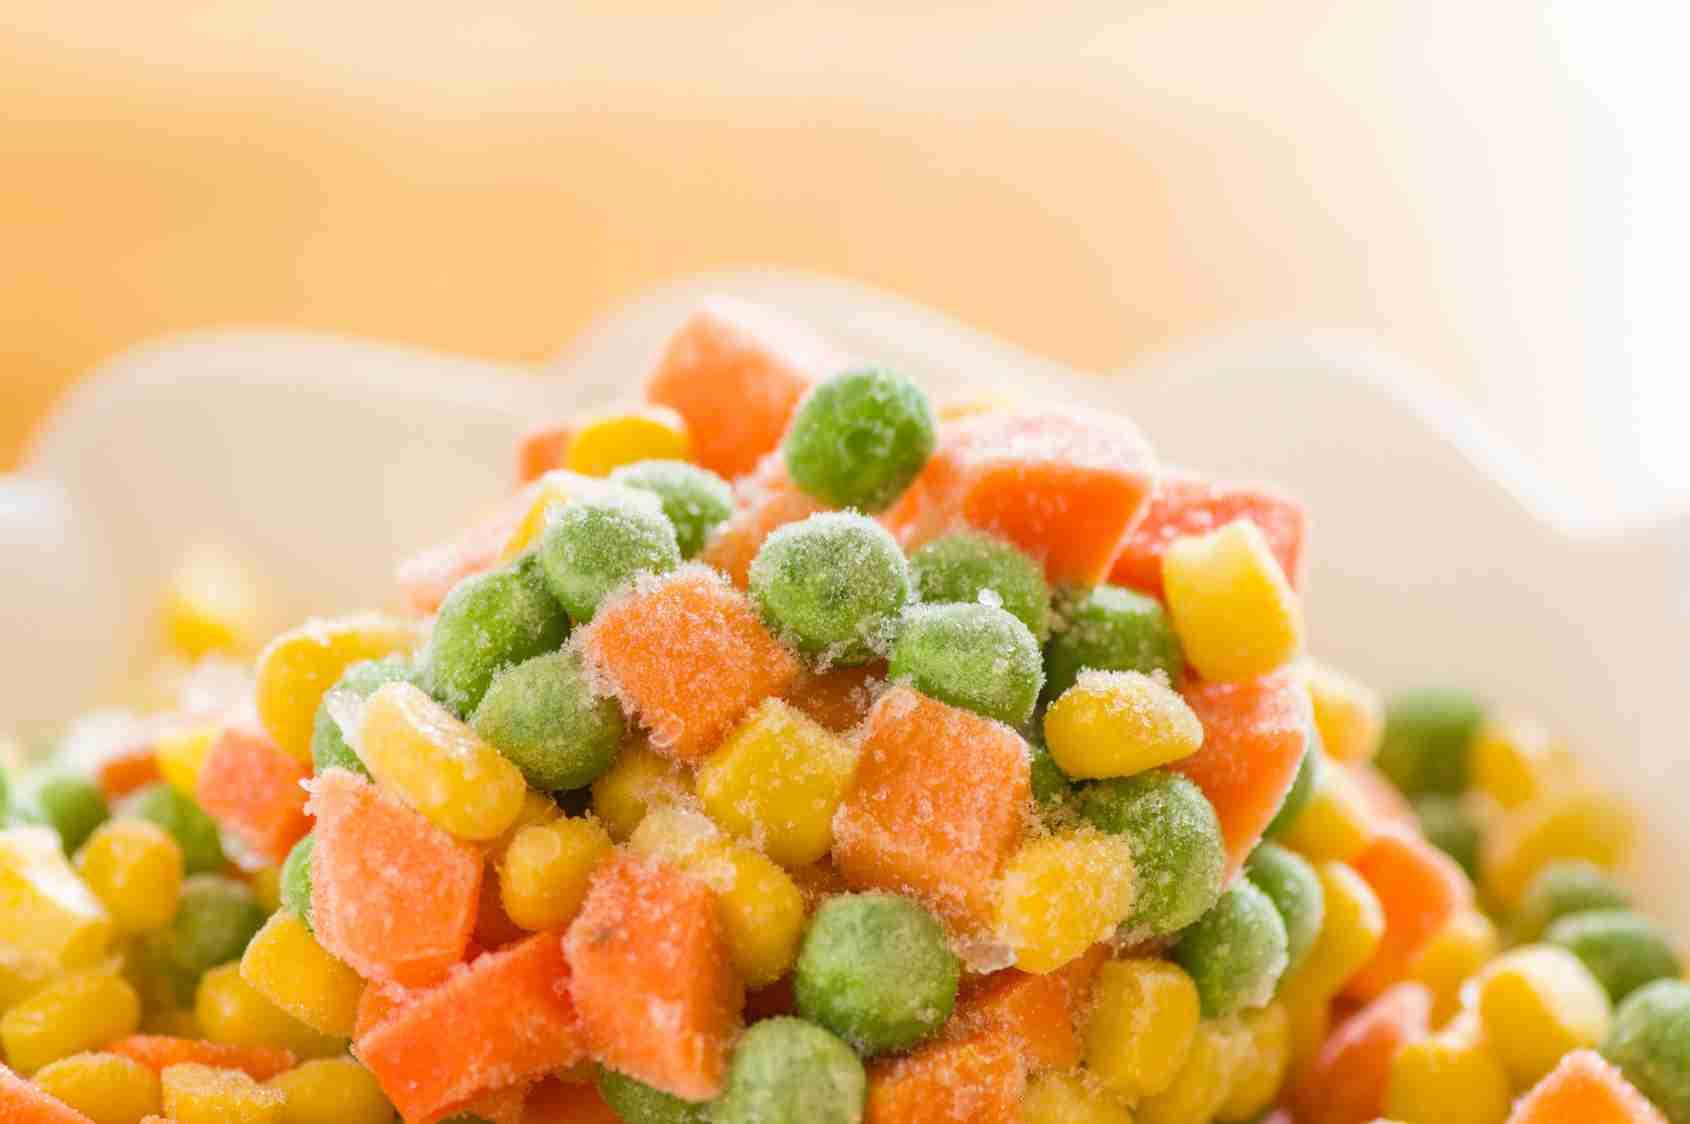 「人気の冷凍野菜」4位ほうれん草、1位は?